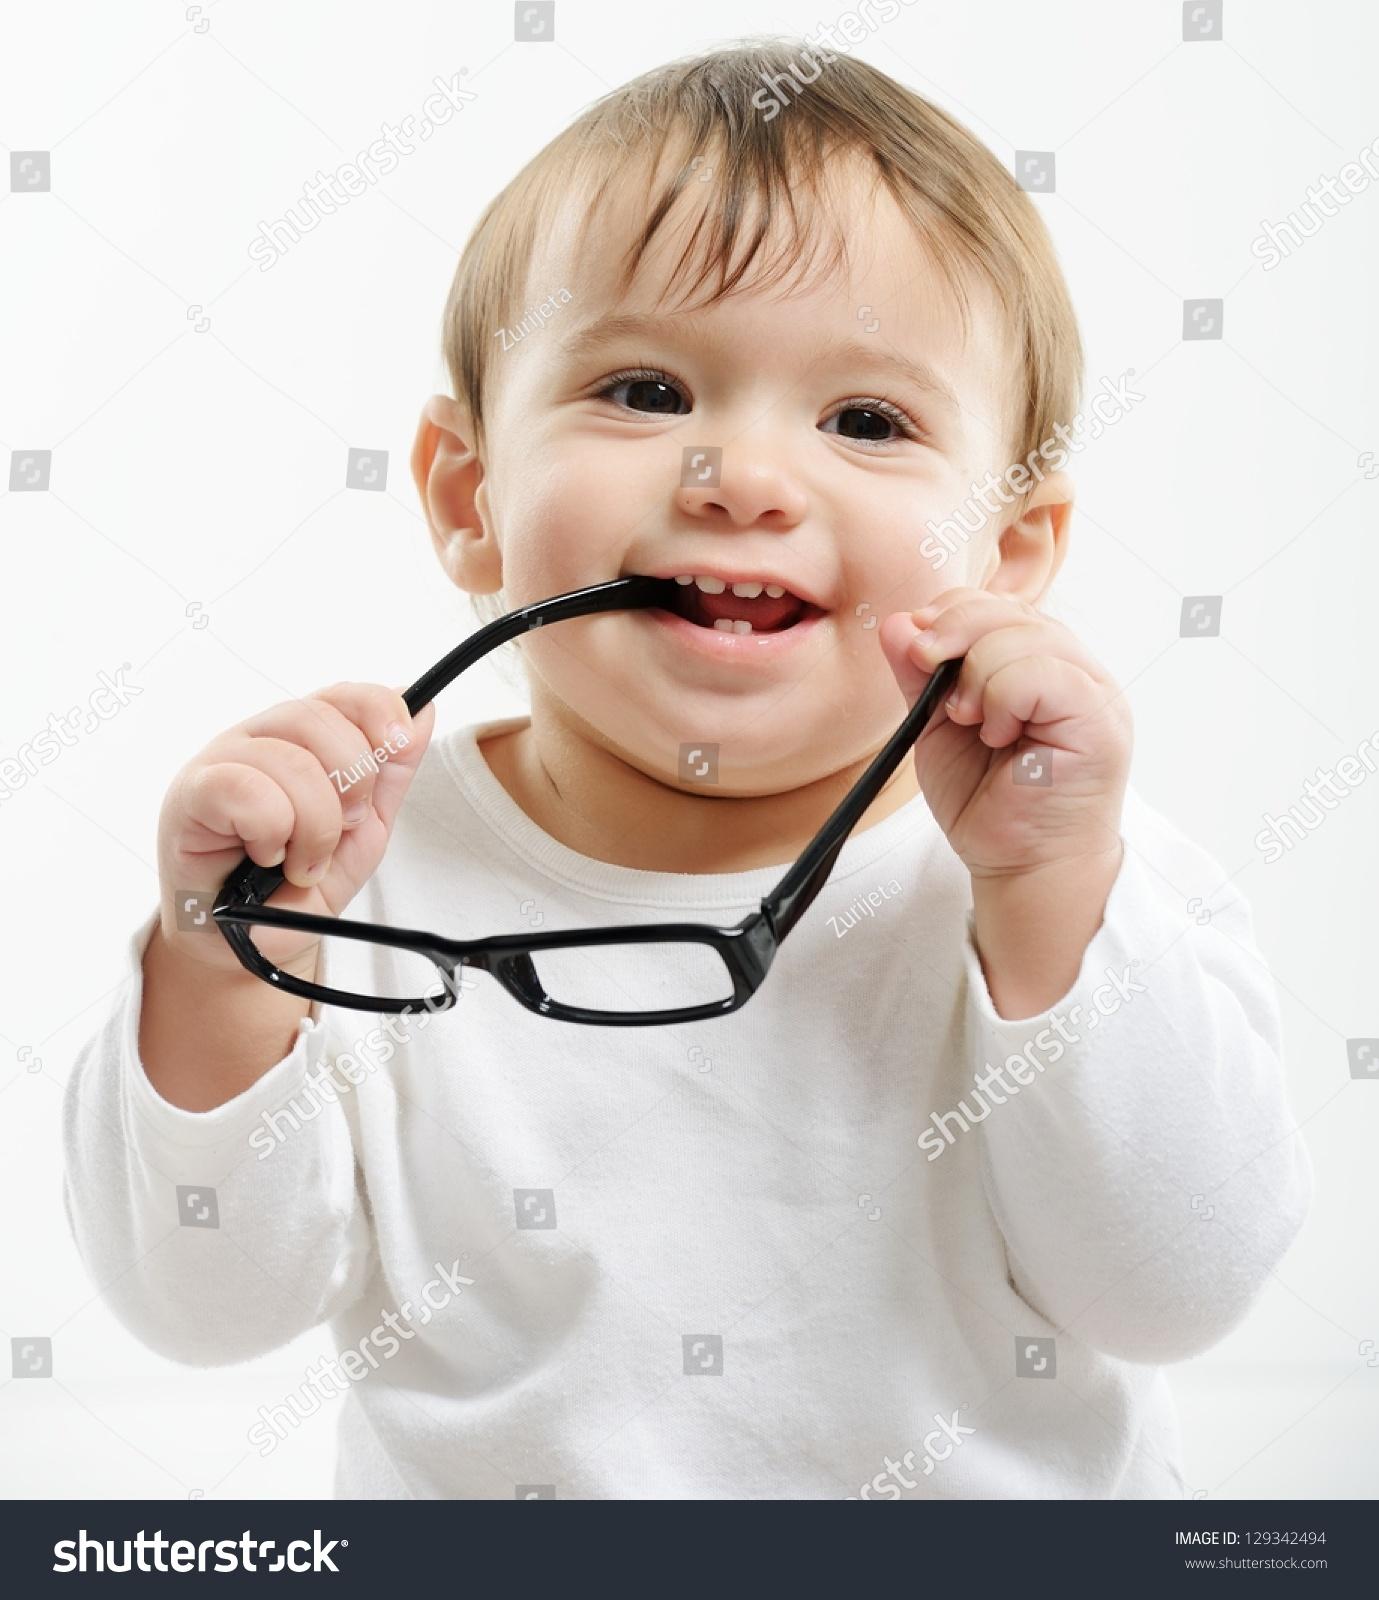 可爱有趣的孩子戴眼镜-人物-海洛创意(hellorf)-中国